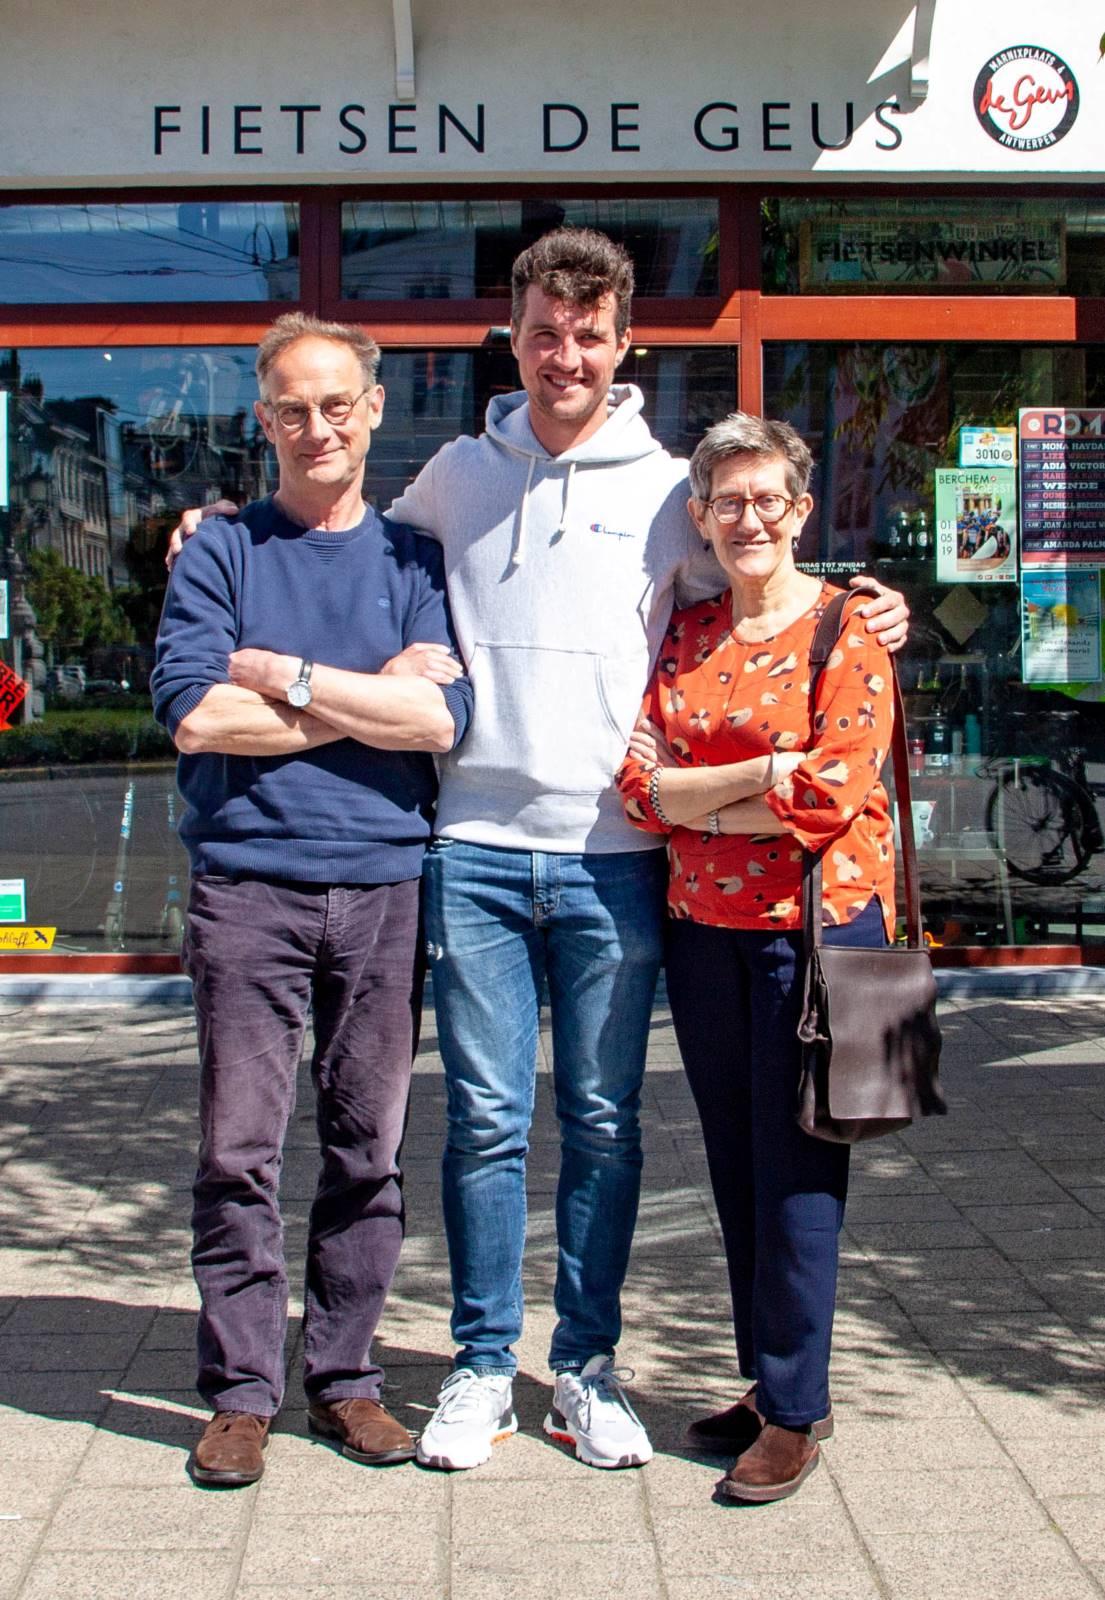 Marie-Jeanne Theunissen, Dirk Vanthillo en Thomas Vanderhoydonck